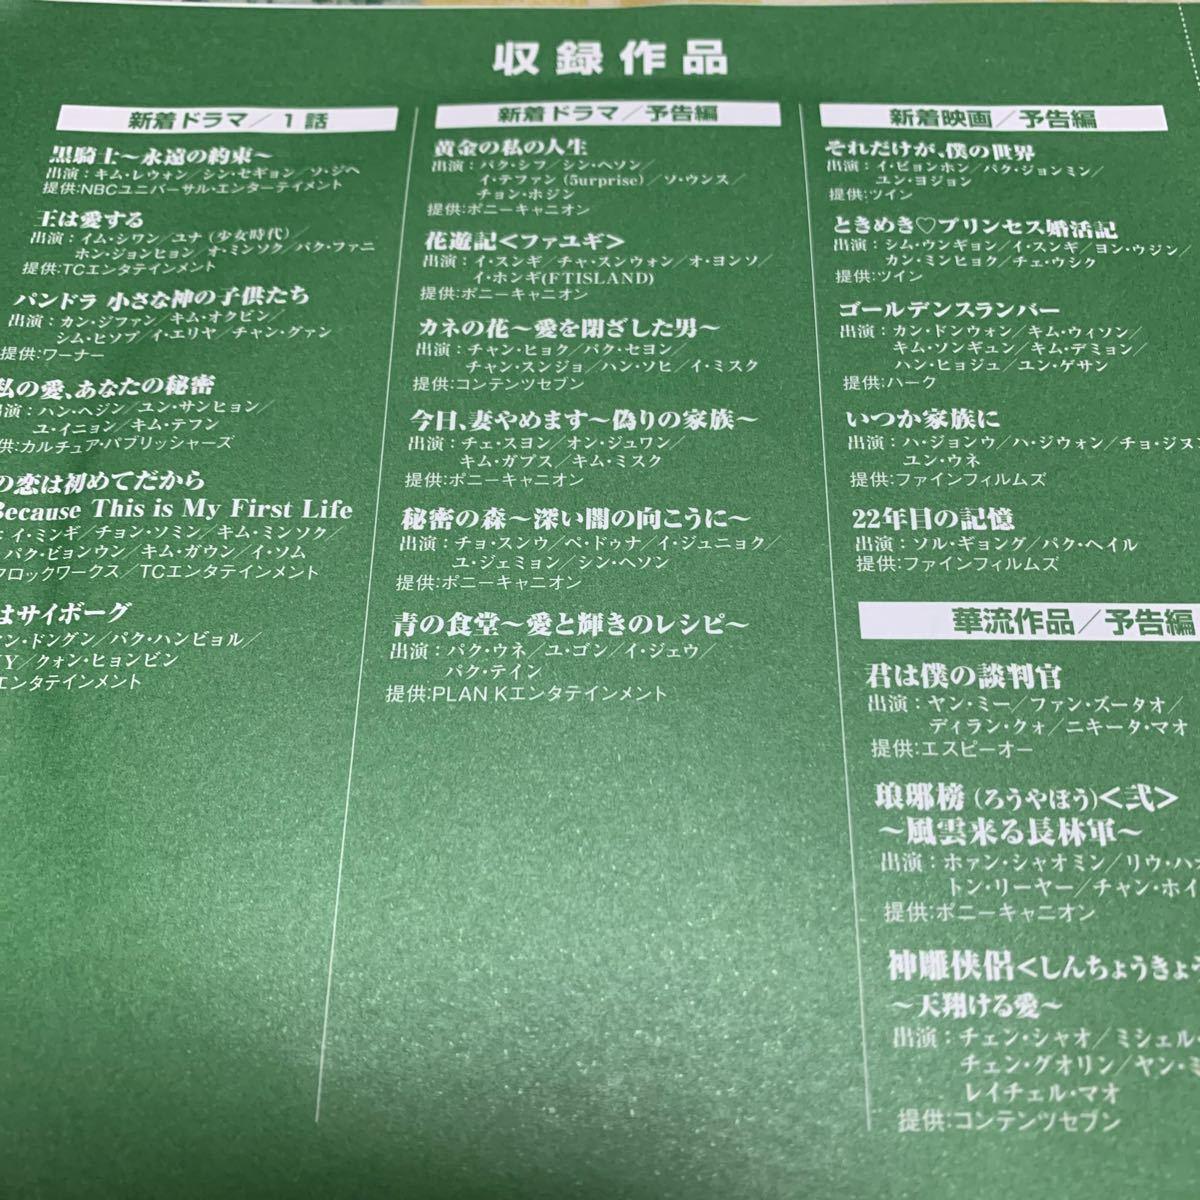 韓国ドラマDVD【最新ドラマ詰め込んだ第1話13作品】 【送料無料】